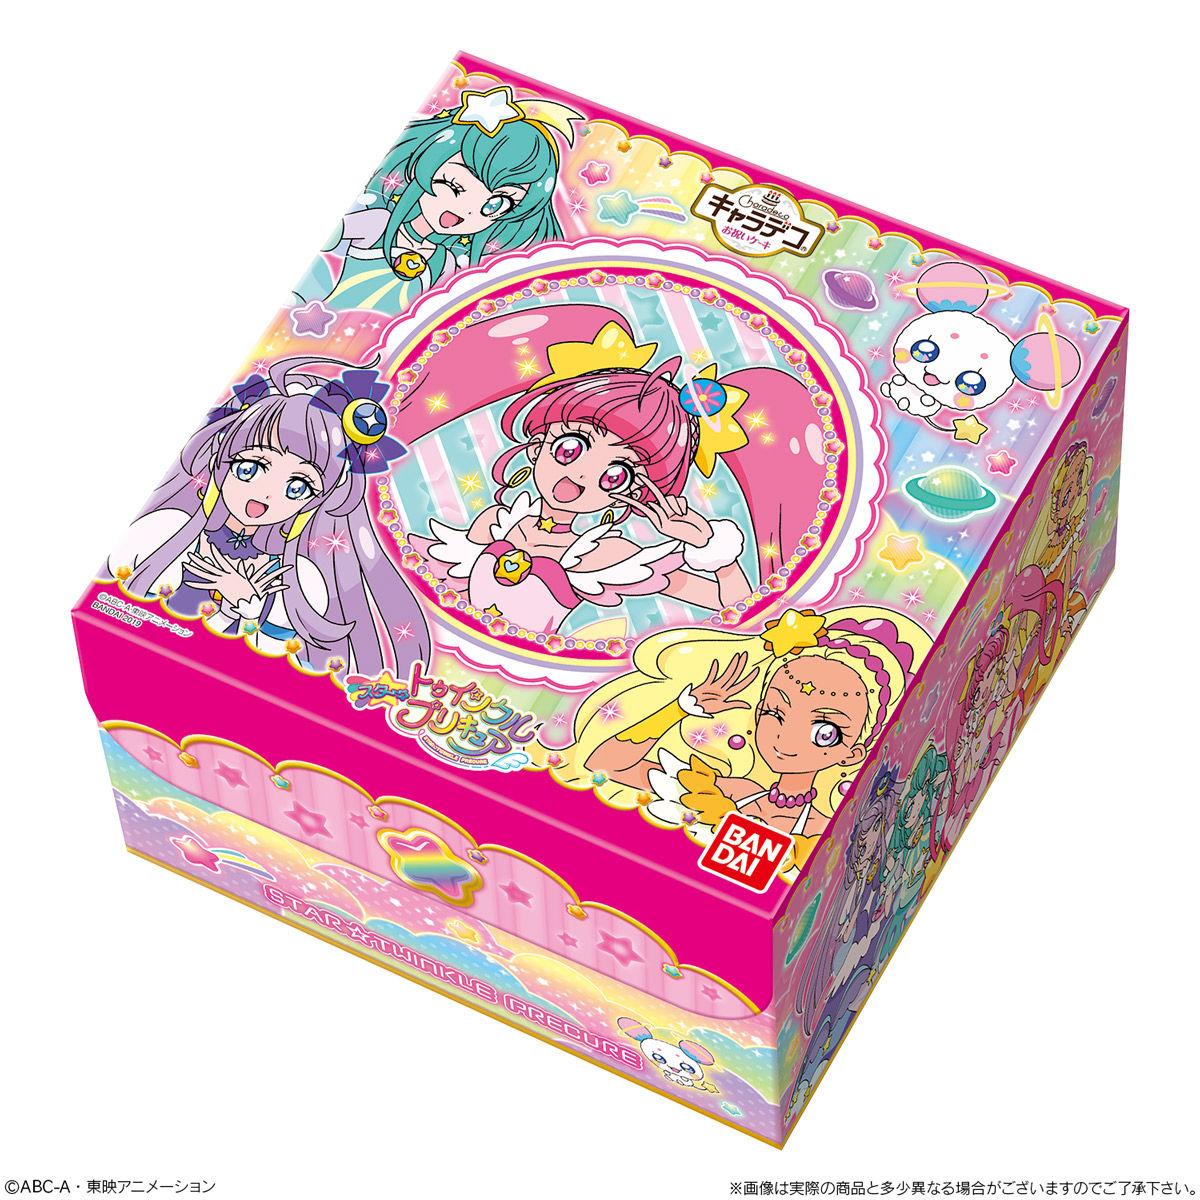 キャラデコお祝いケーキ スター☆トゥインクルプリキュア(チョコクリーム)[5号サイズ]_4